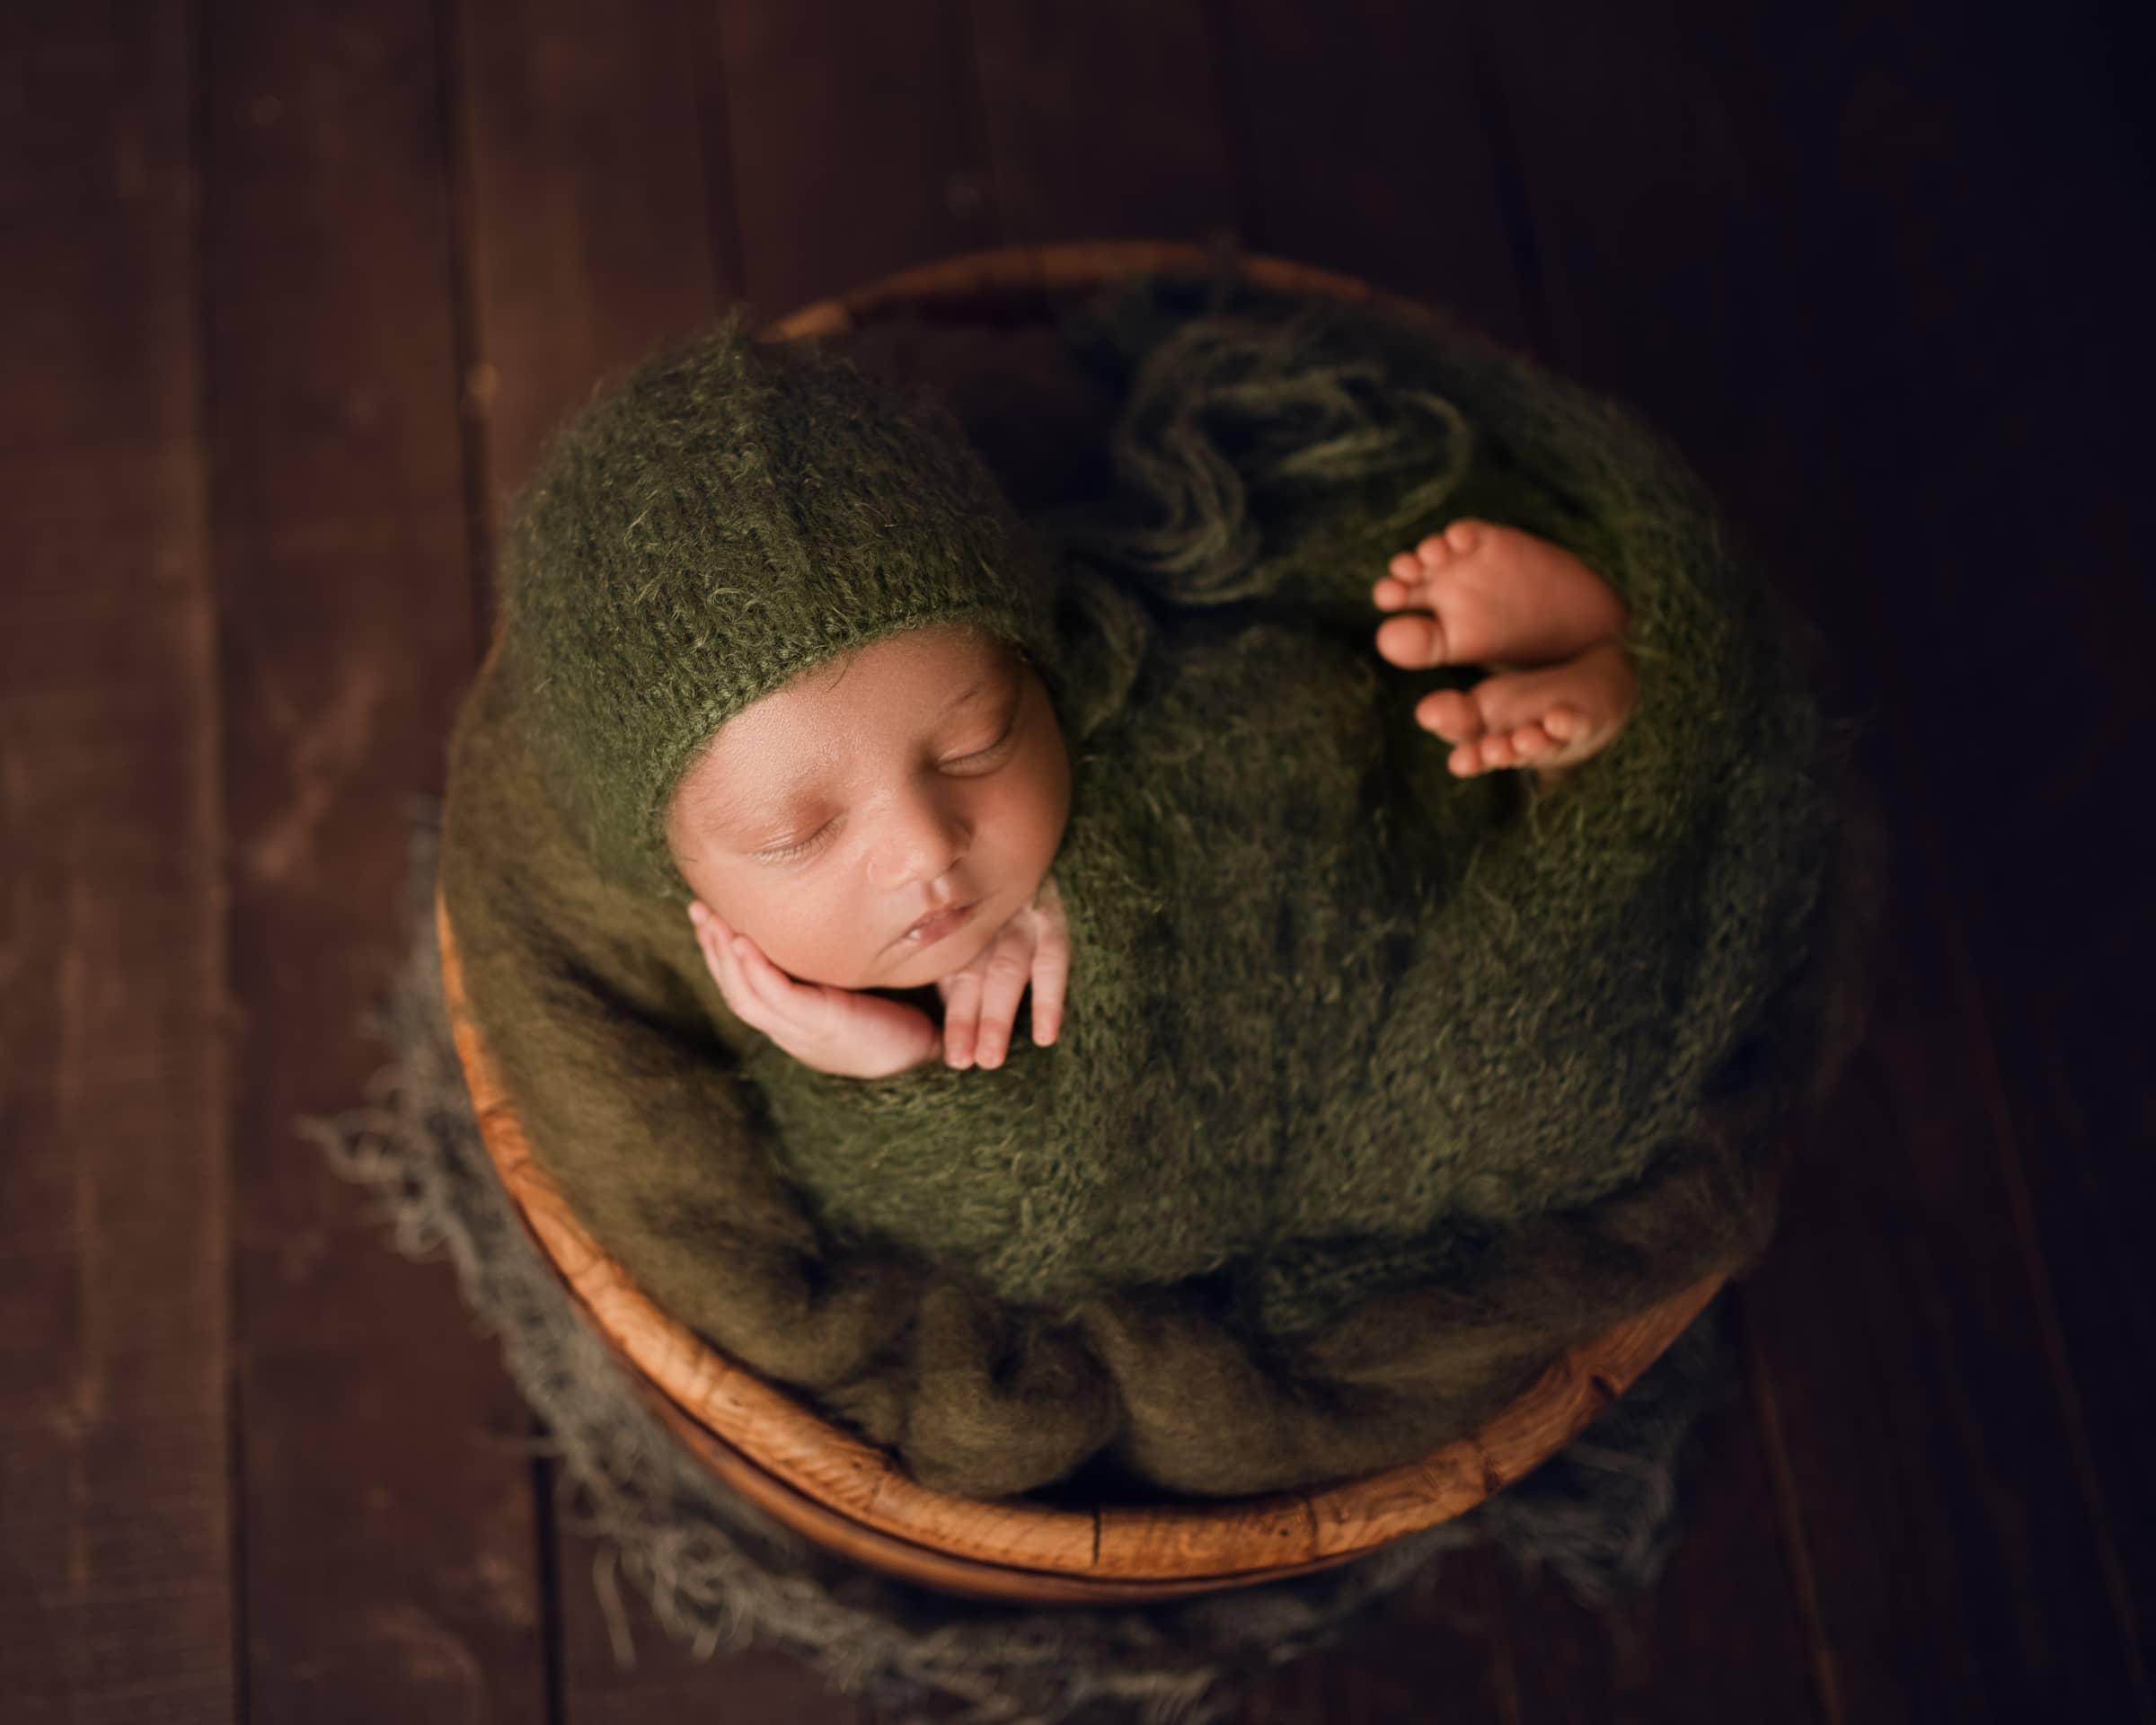 Raleigh Newborn Photographer - baby kairav 1;baby photographer